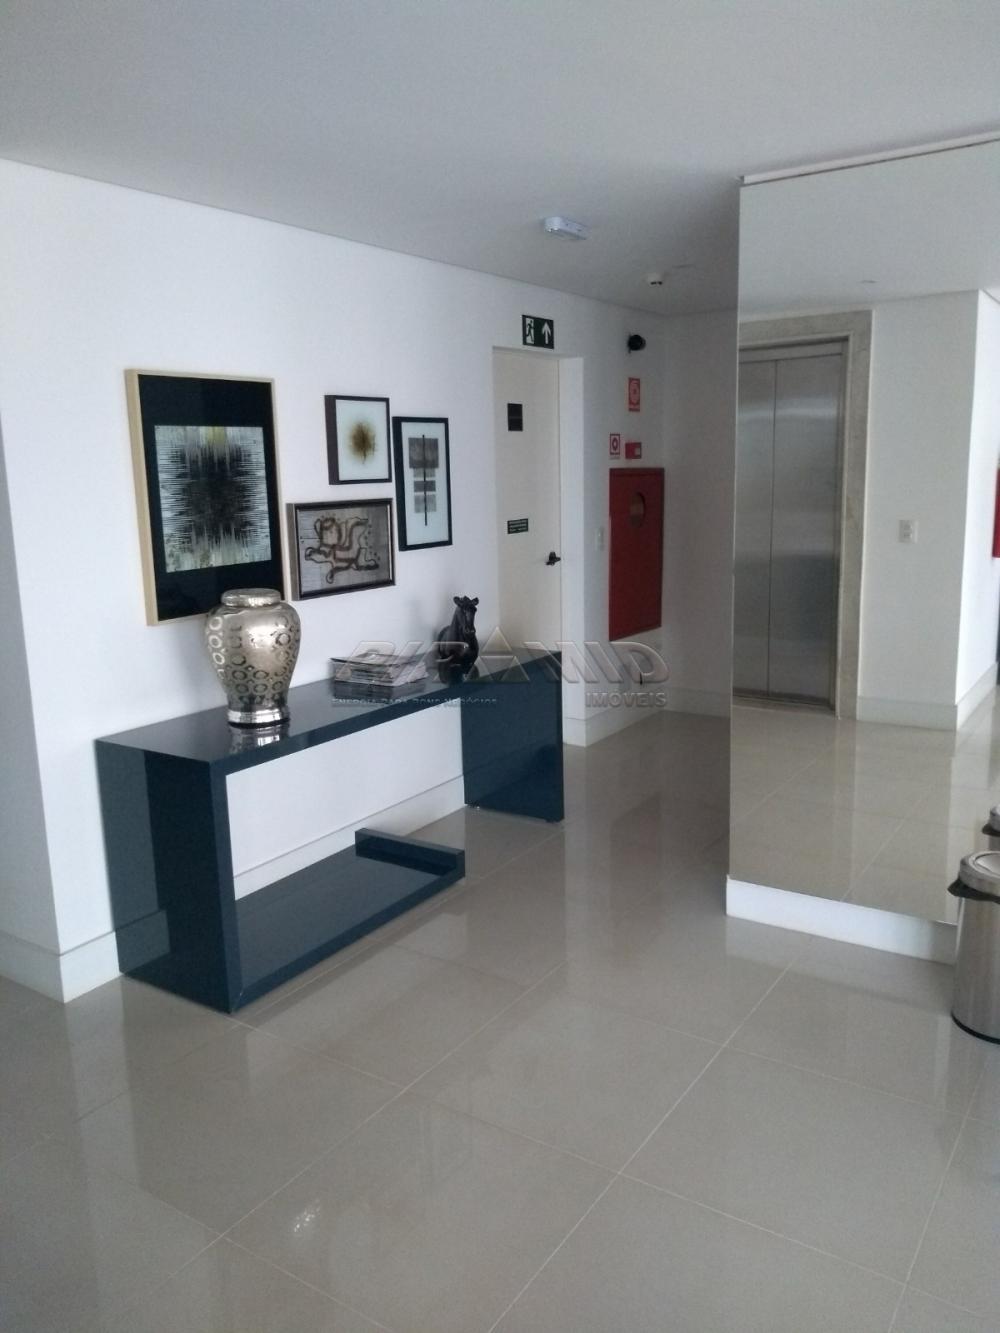 Alugar Apartamento / Padrão em Ribeirão Preto R$ 1.700,00 - Foto 63